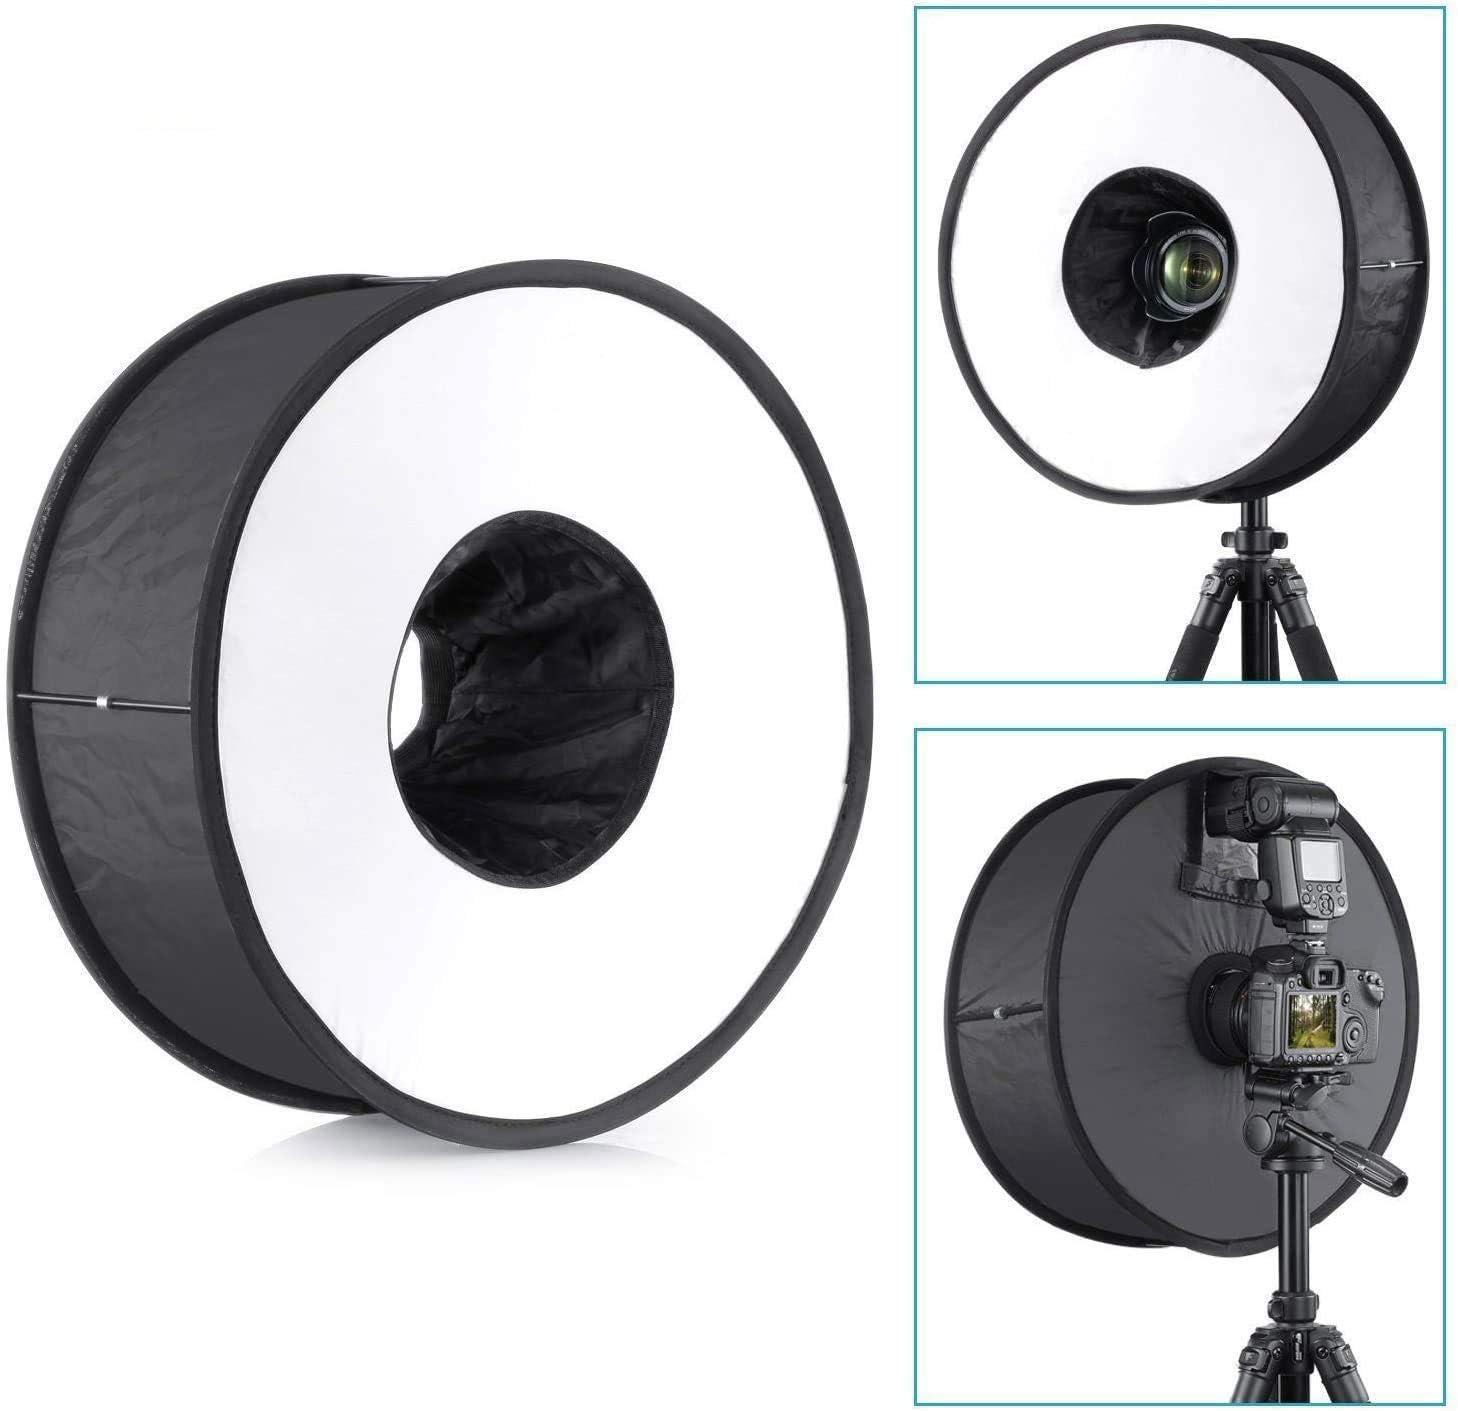 EXMAX R45 17.7 بوصة/45 سم جولة فلاش مغناطيسي قابل للطي ضوء خفيف ناعم حلقة فلاش موزع محمول خفيف خفيف الوزن مربع موزع جميل لتصوير ماكرو